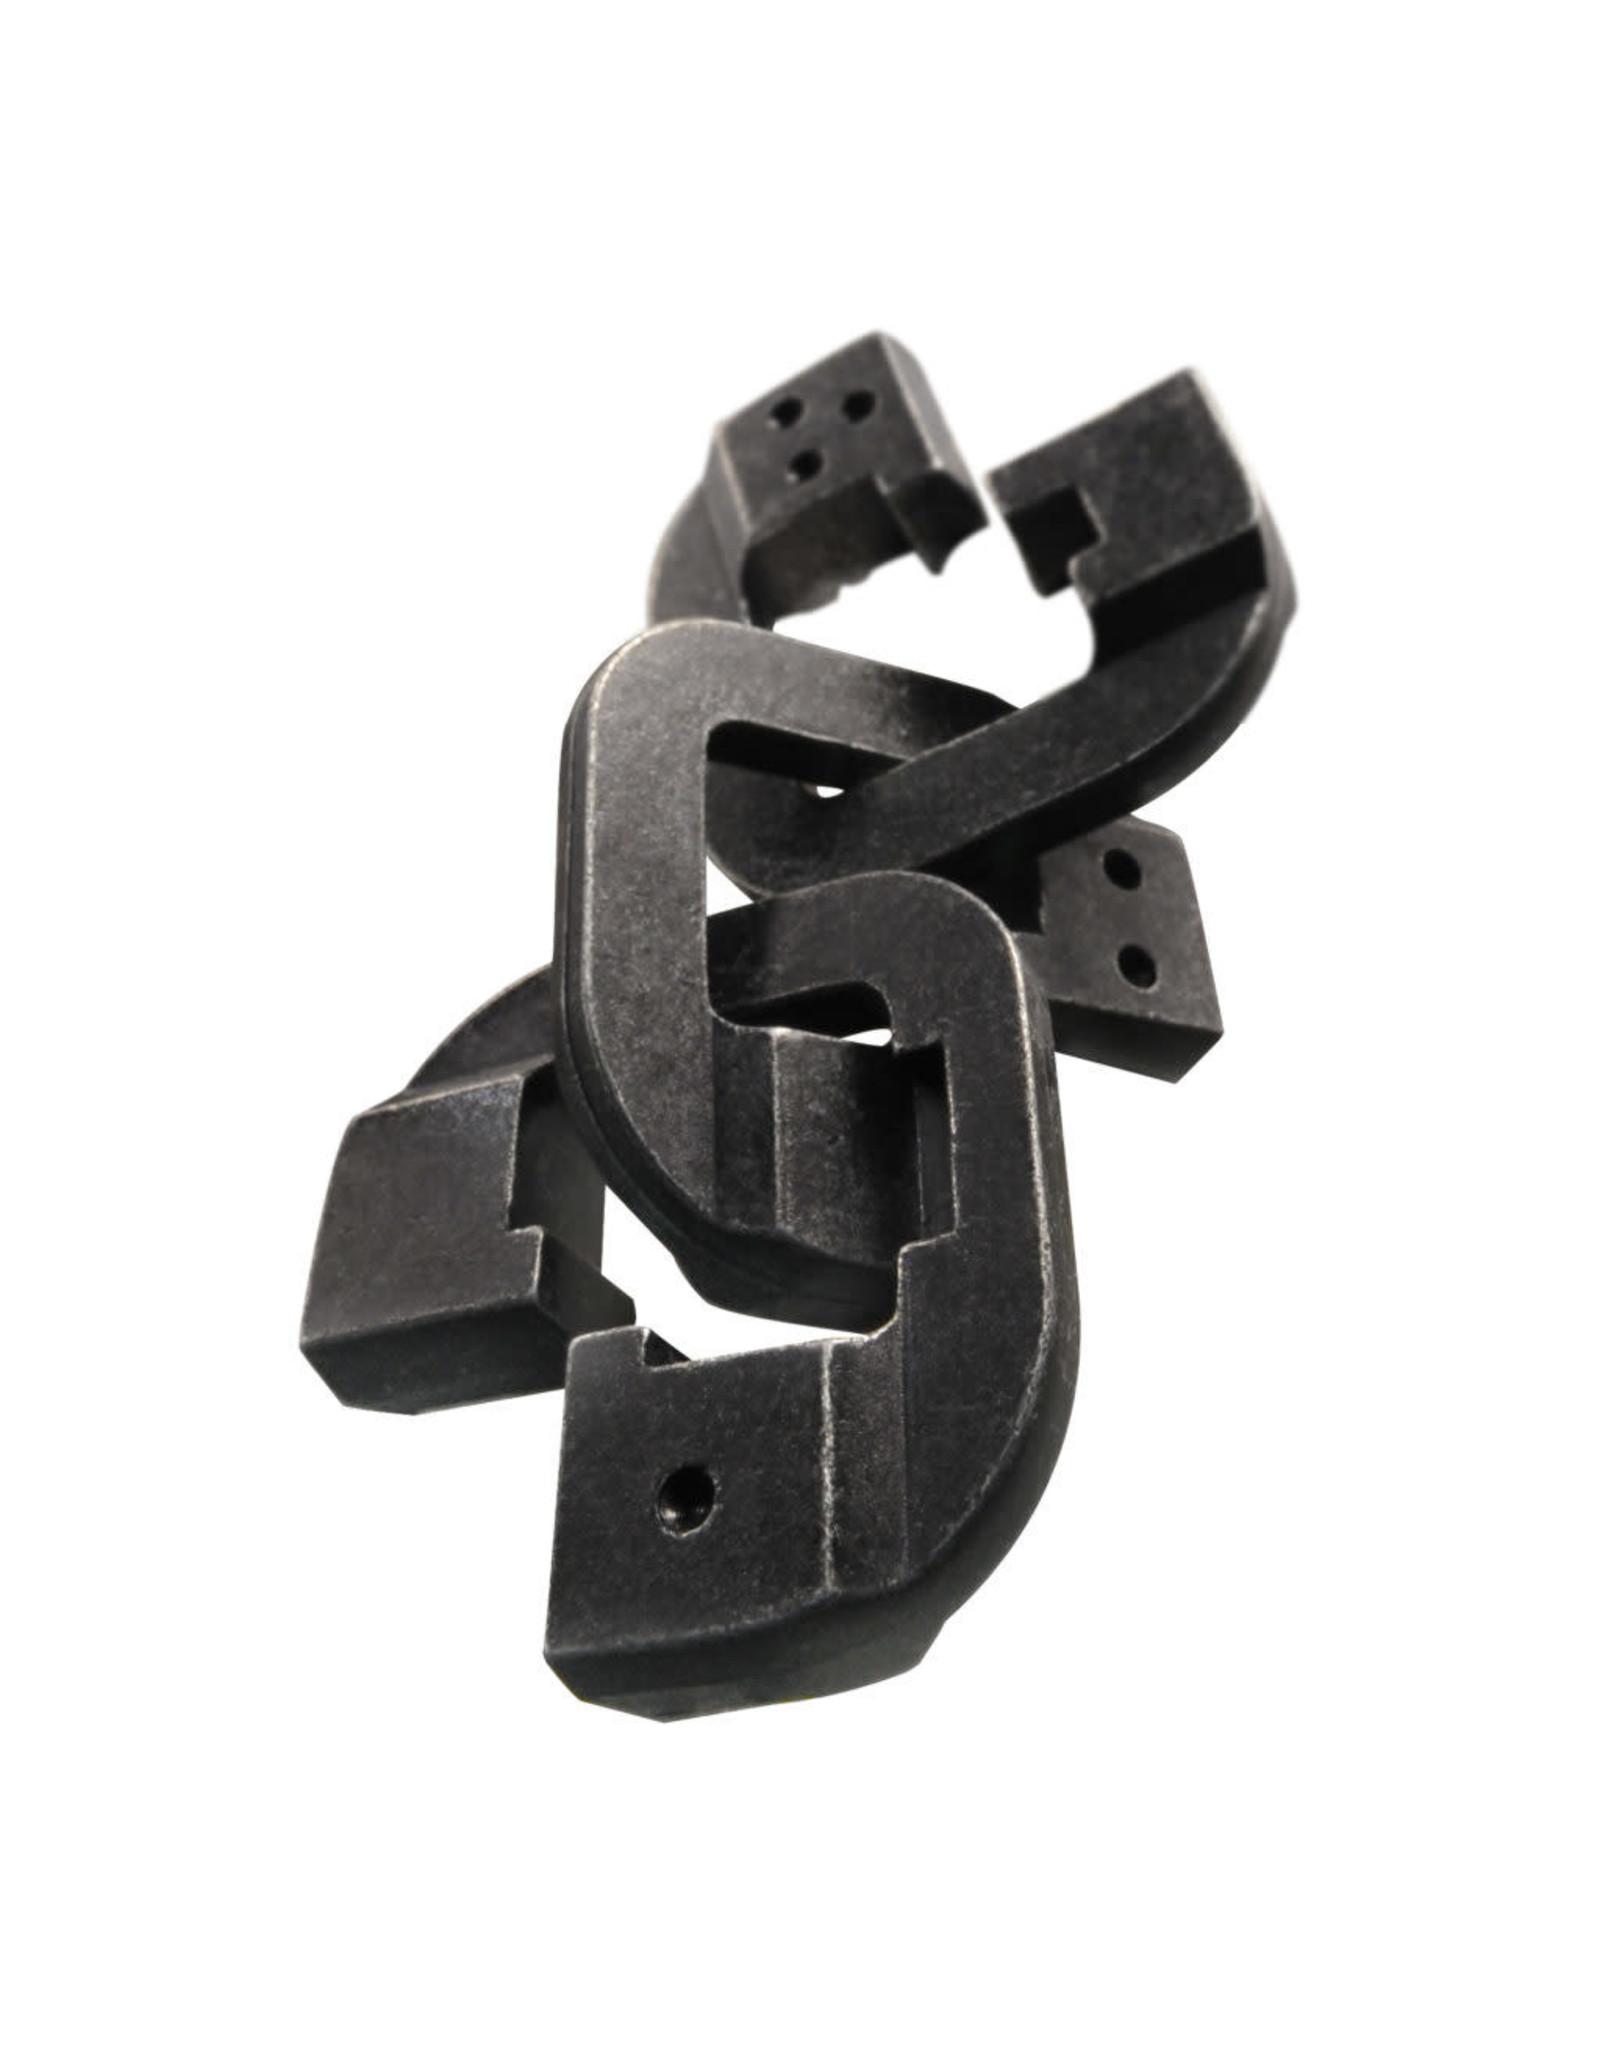 Hanayama Hanayama Cast Puzzle Chain - Level 6